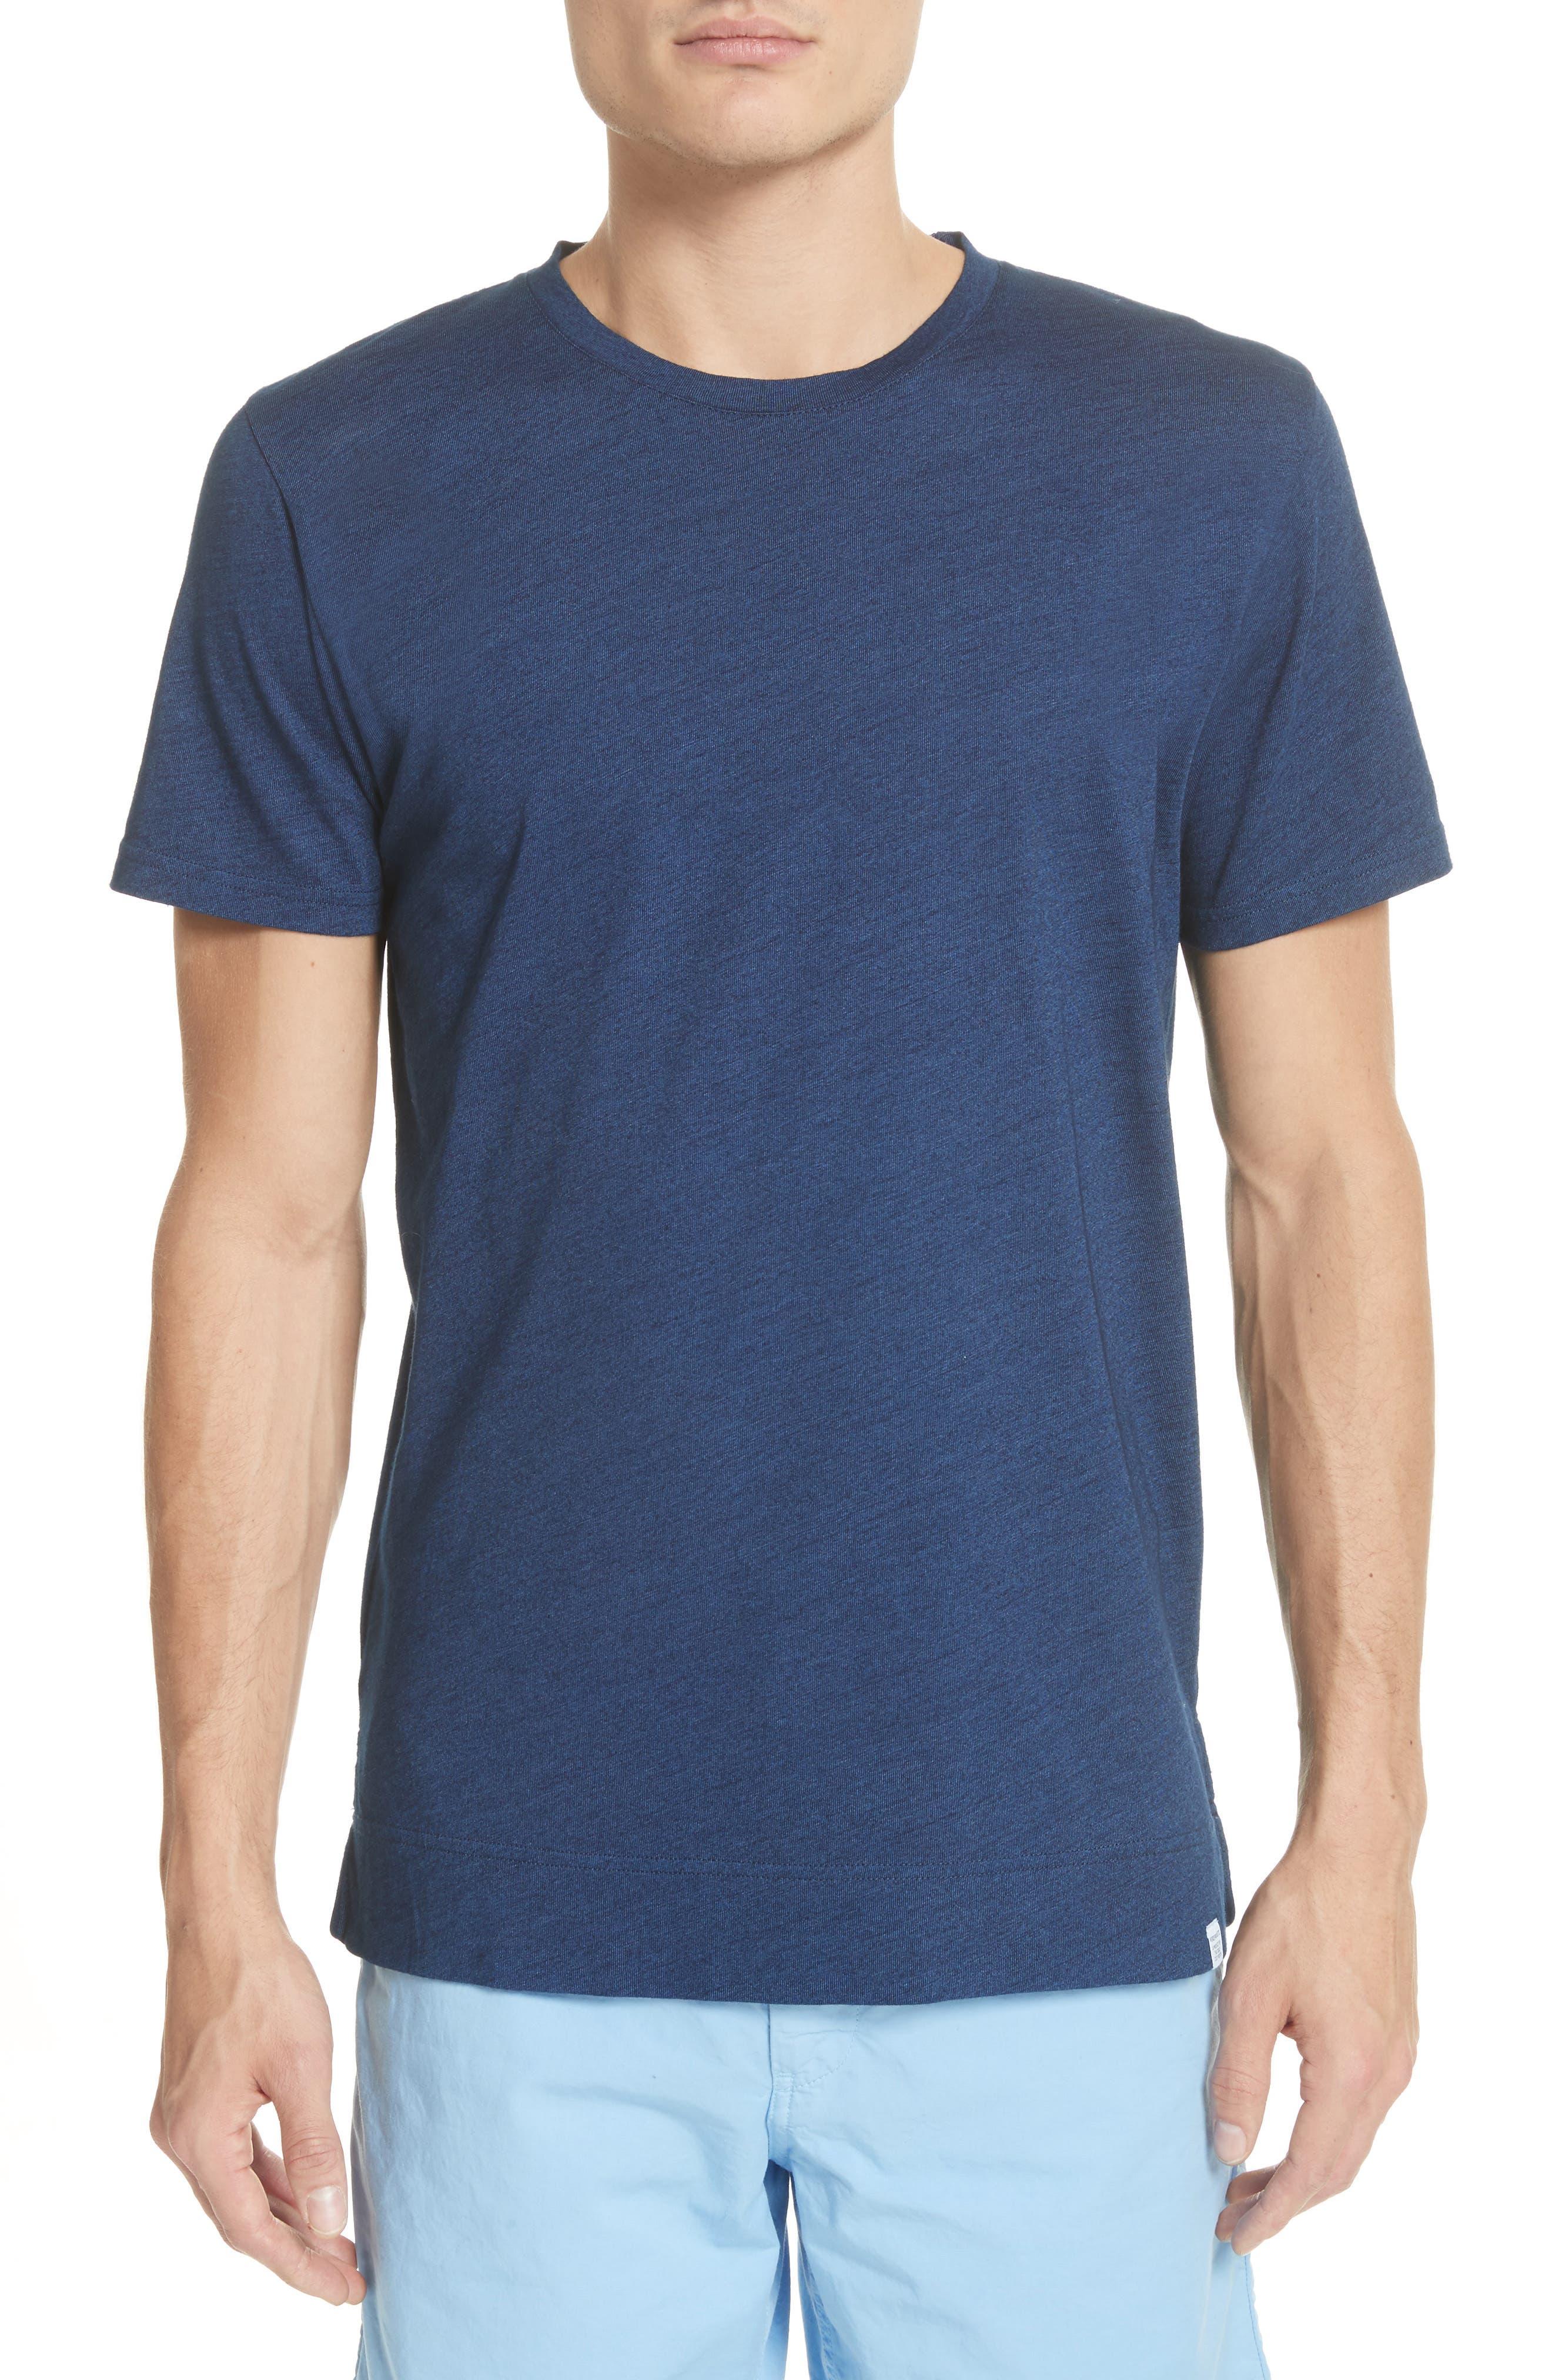 Niels Indigo T-Shirt,                         Main,                         color, Indigo